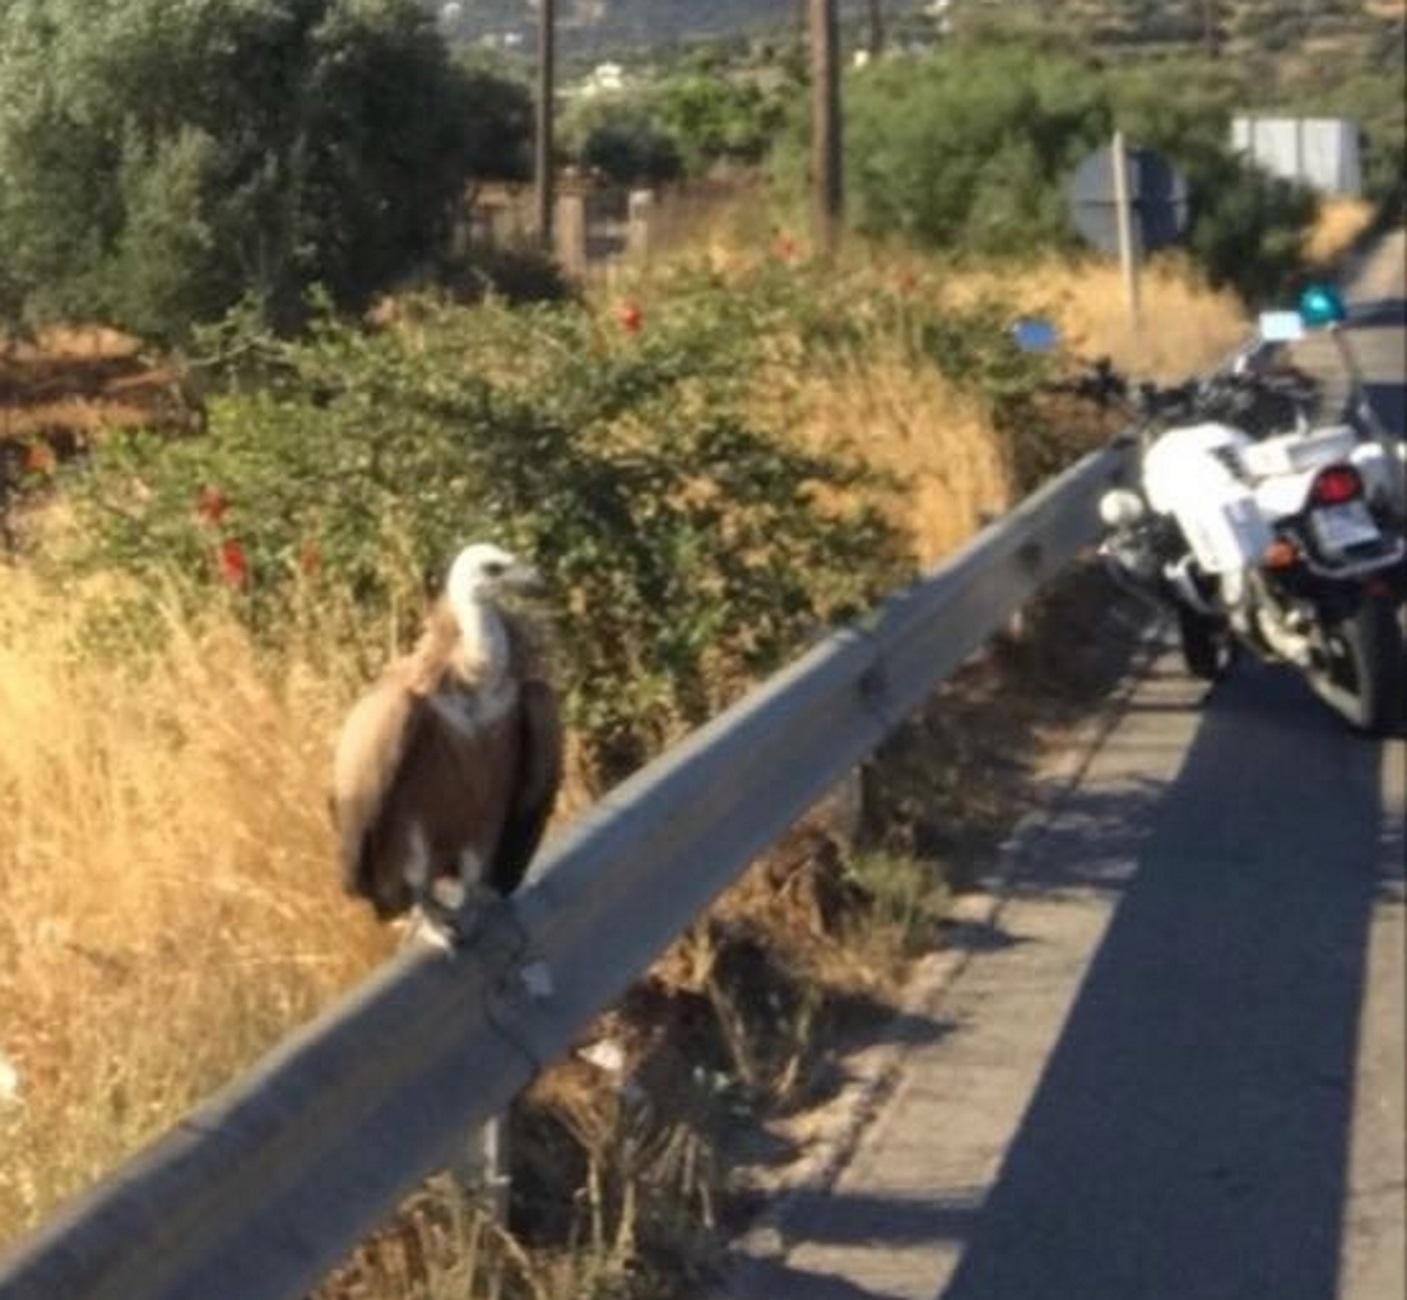 Κρήτη: Αυτός είναι ο γυπαετός που εφορμούσε στην εθνική οδό – Η επιχείρηση για την απομάκρυνσή του 2